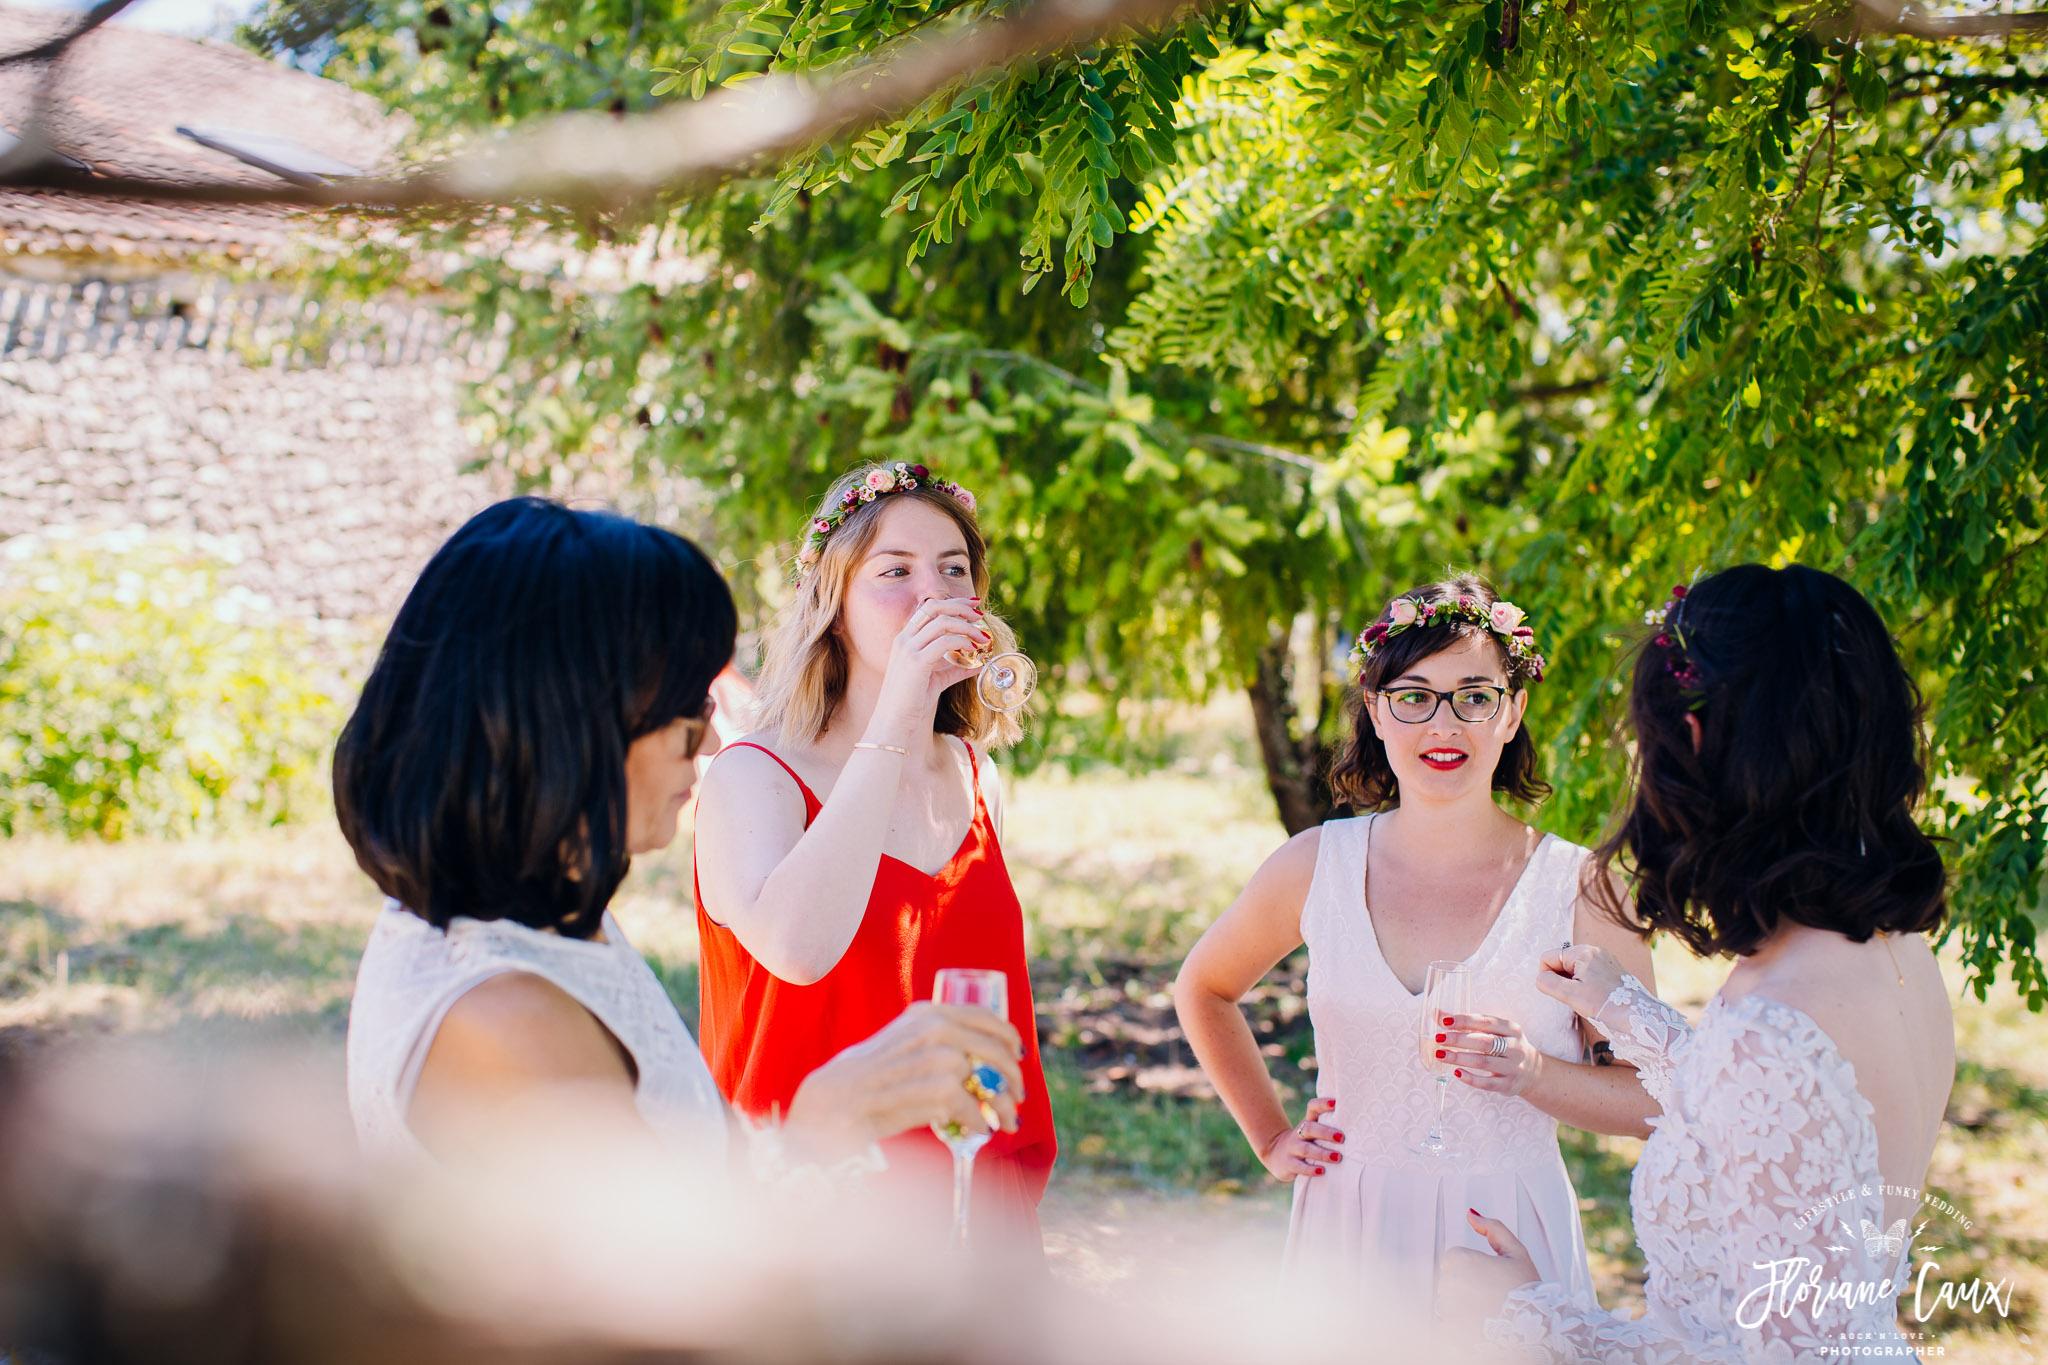 mariage-festival-cahors-preparatifs-mariee-23